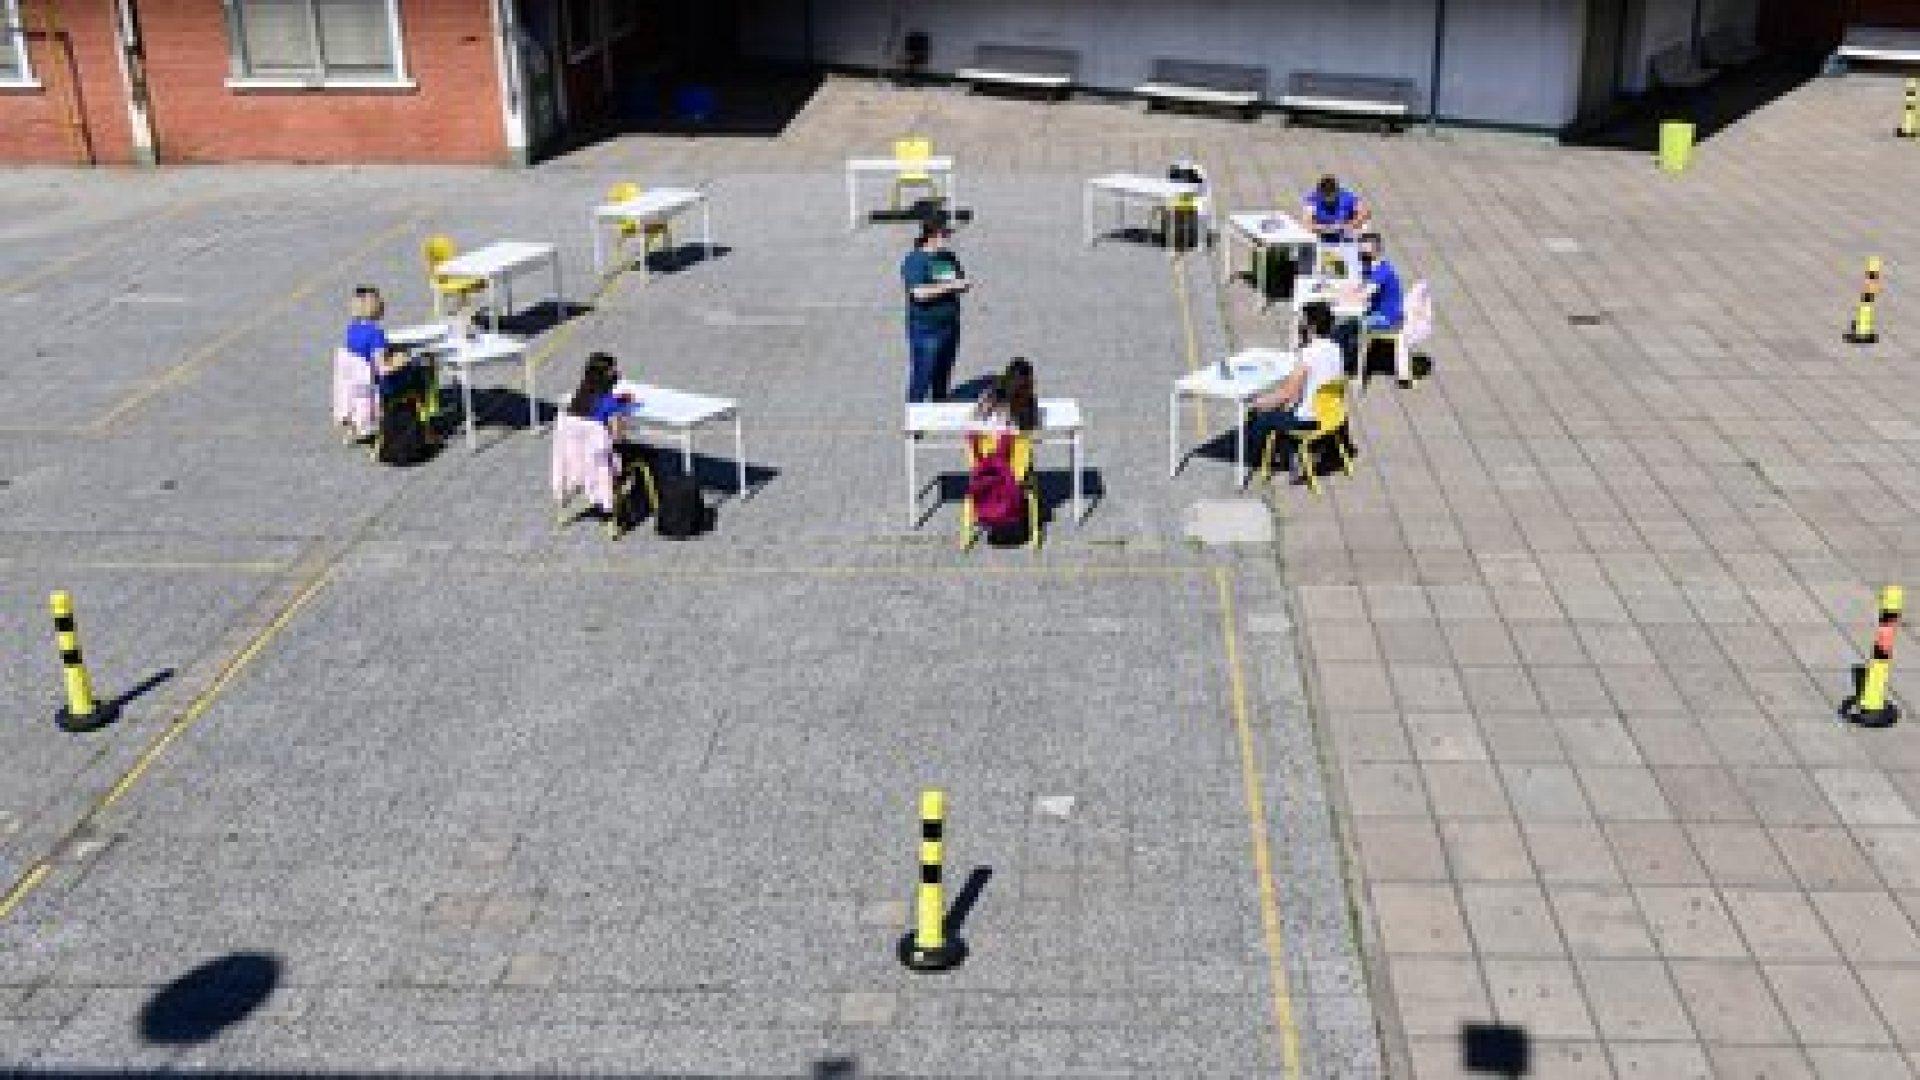 El Gobierno decidió suspender las clases presenciales durante dos semanas y retornar a la modalidad virtual (Maximiliano Luna)